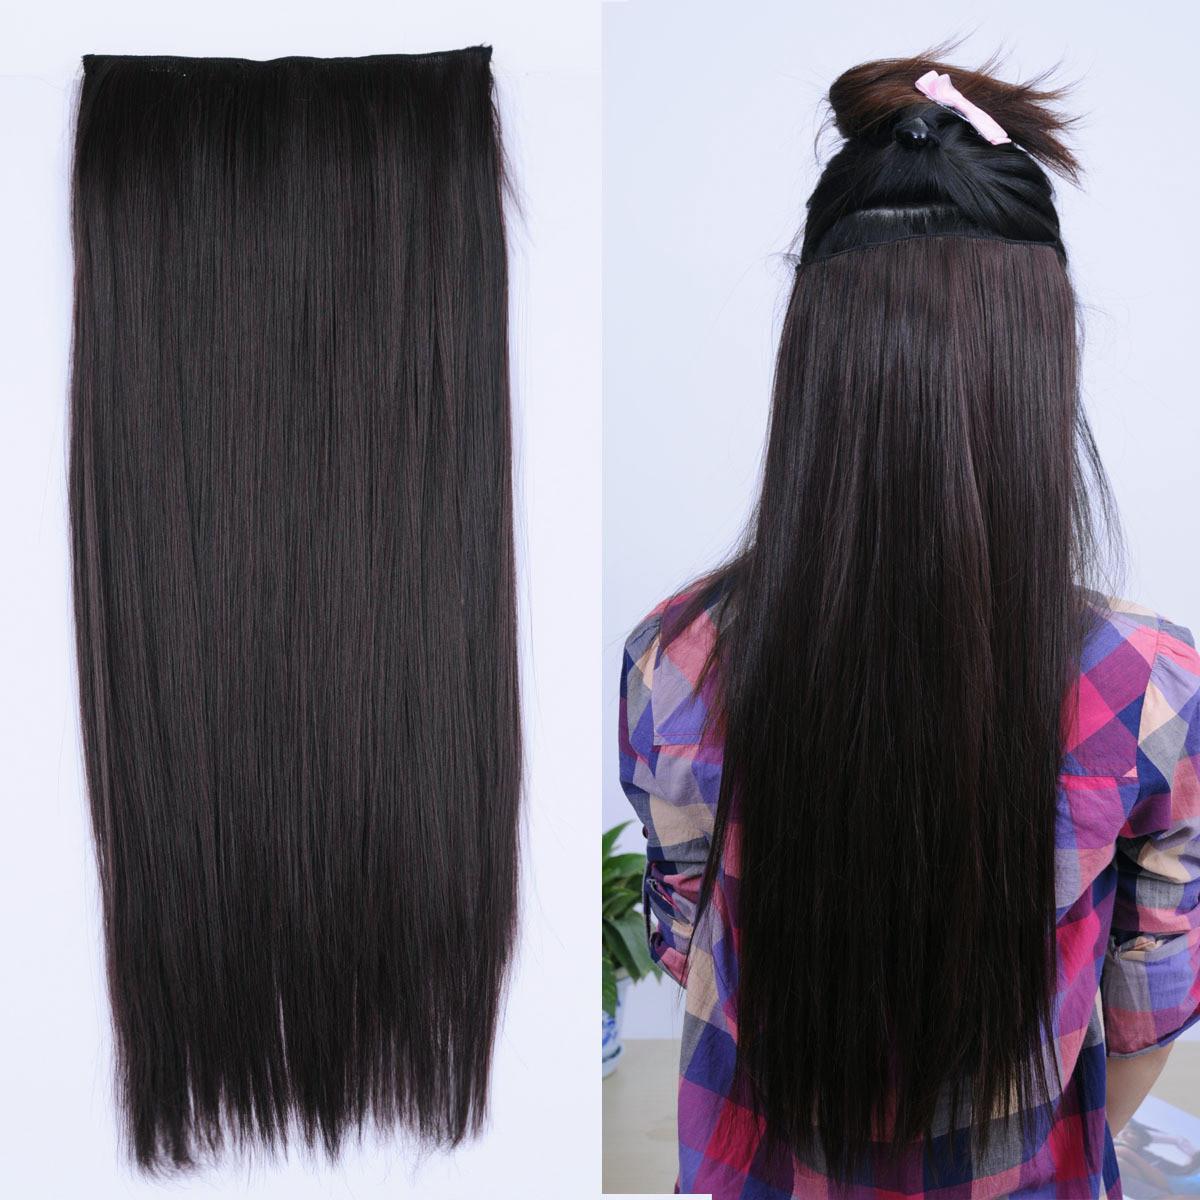 Cheap Black Hair Extensions Clip In Full Head 58